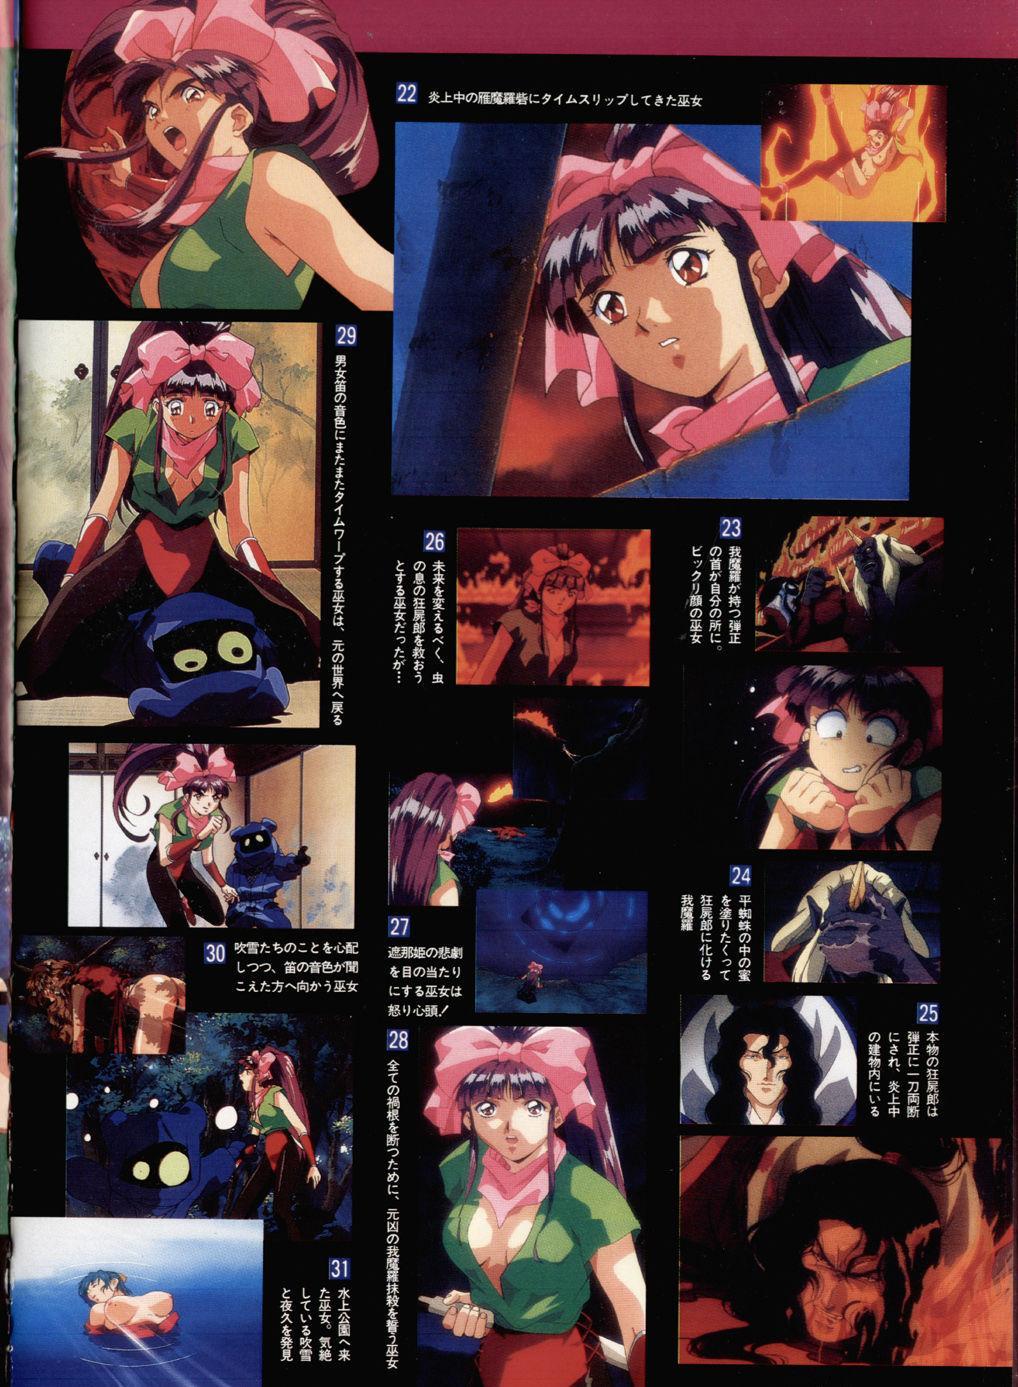 Injuu Gakuen You no Shou Secret File 41